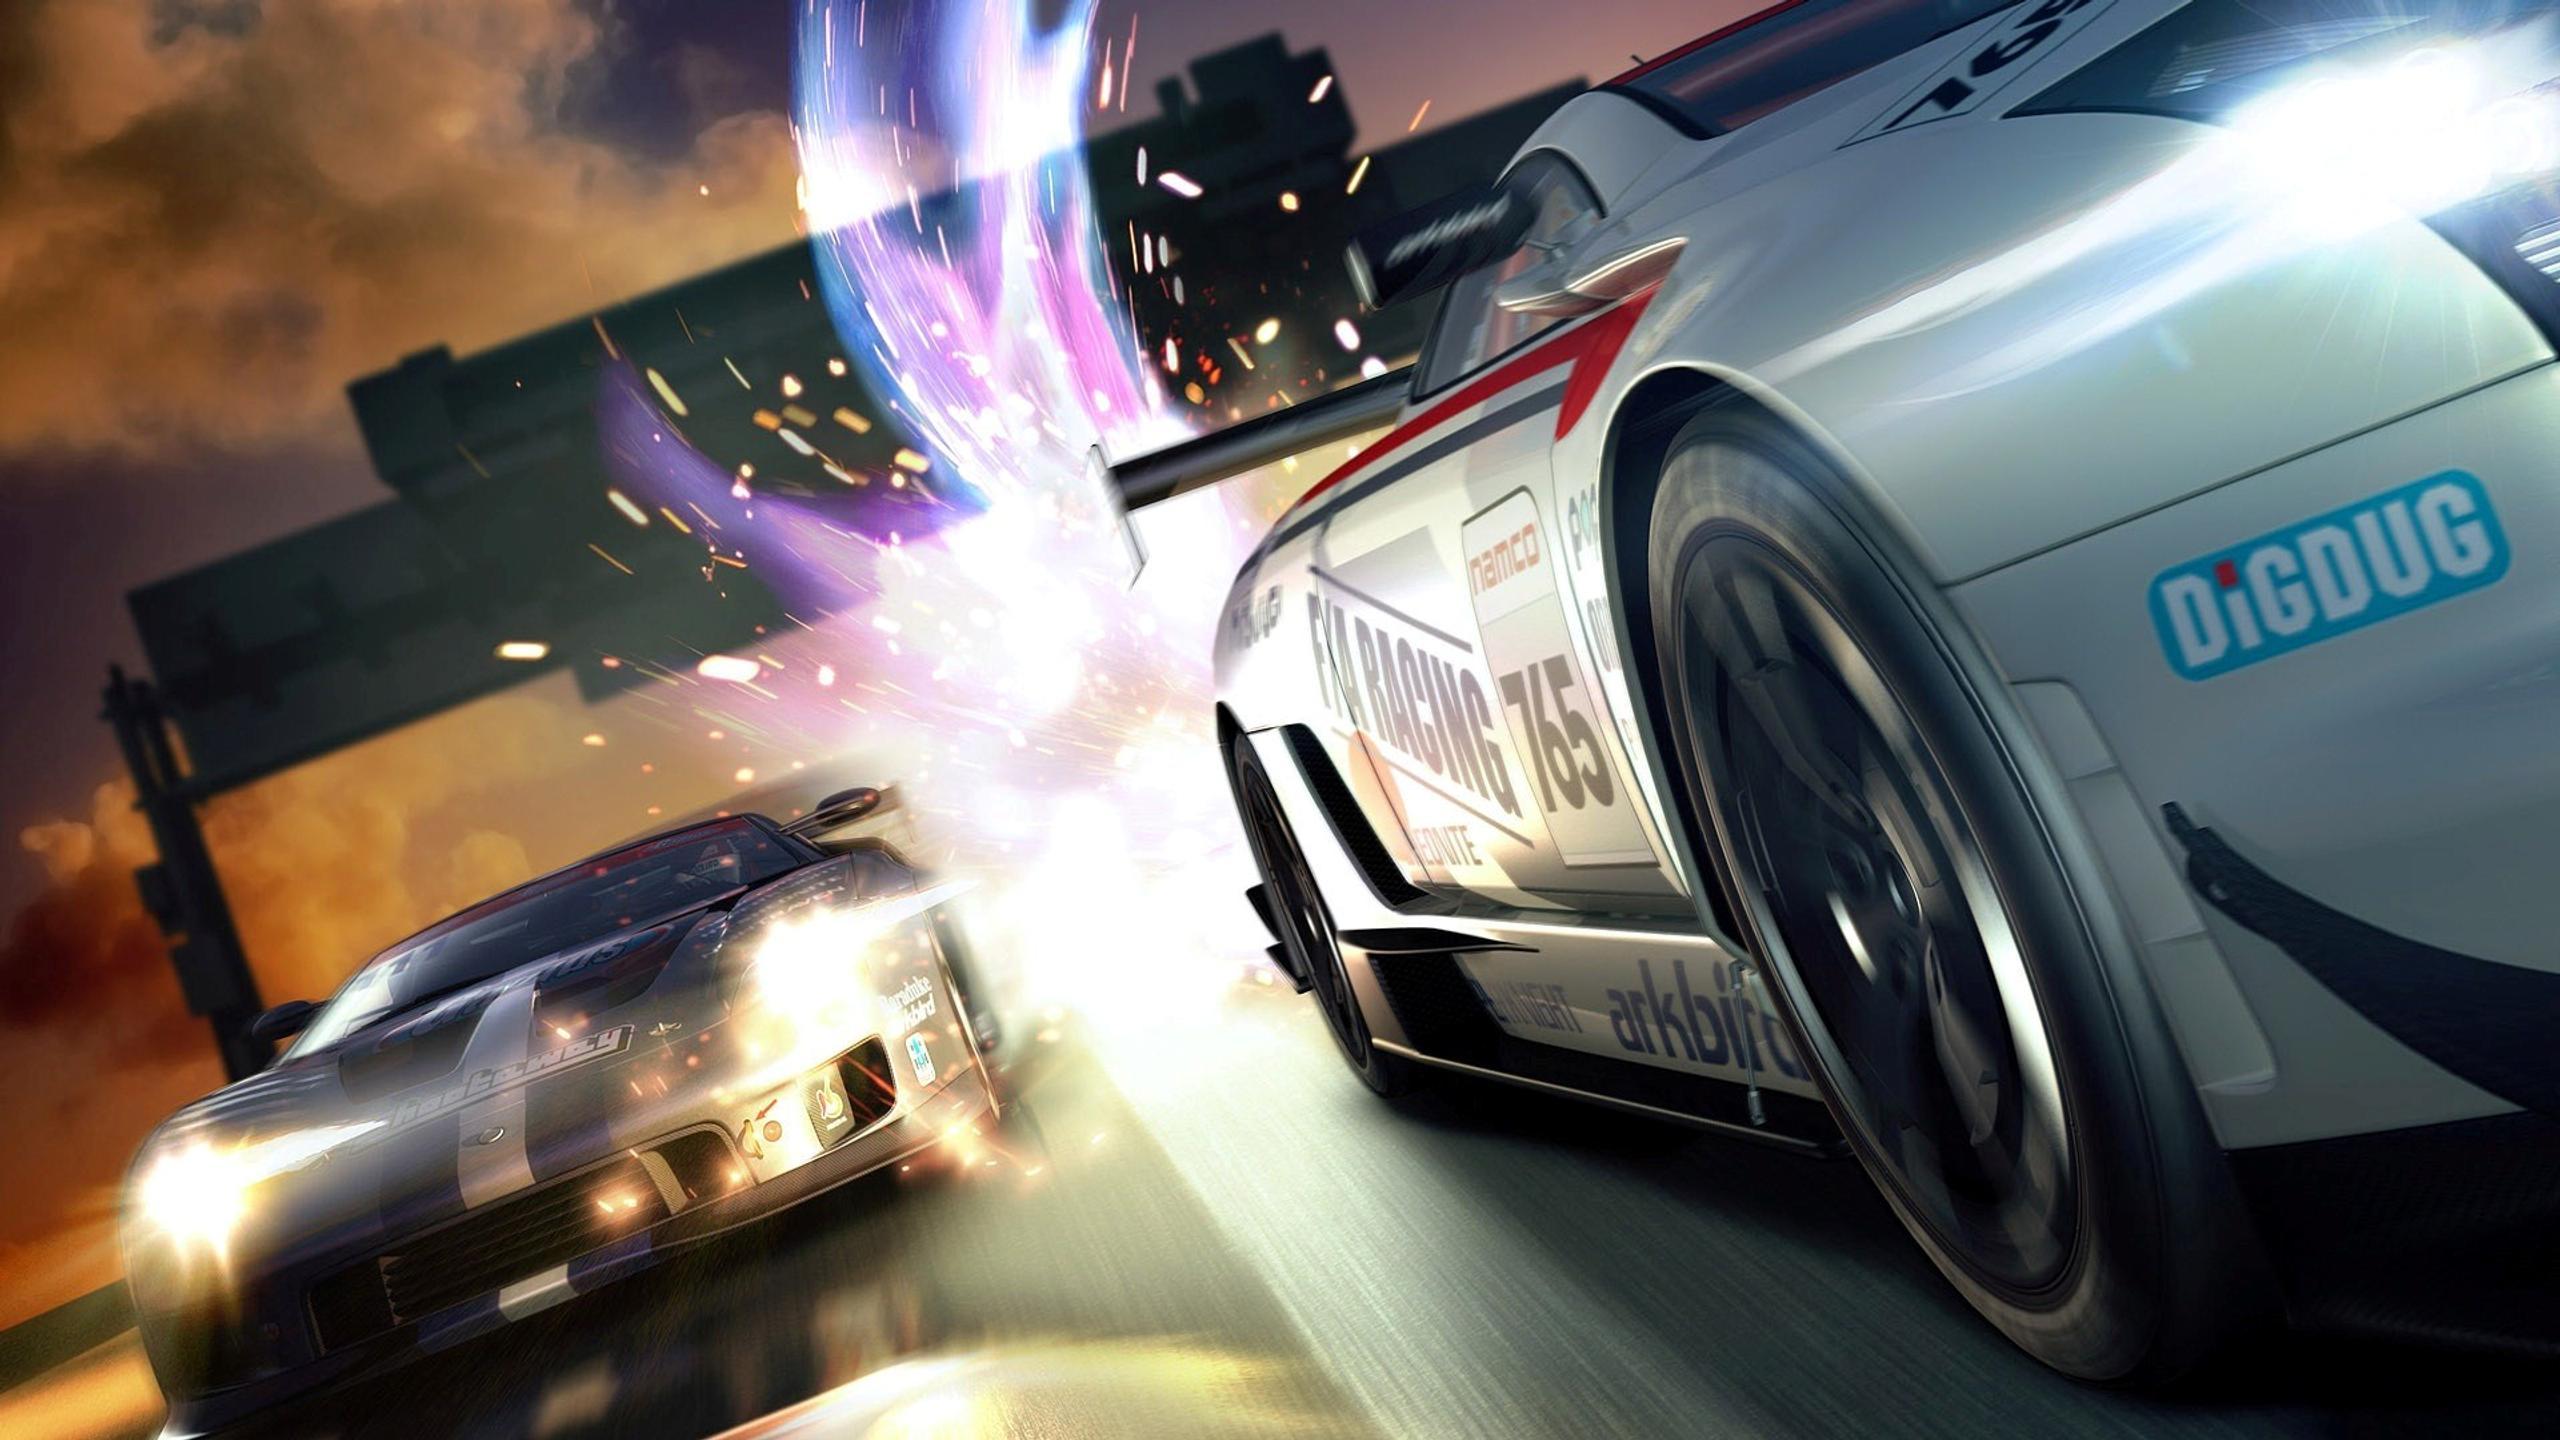 Racing car games games wallpaper wallpaper download - Car racing wallpaper free download ...